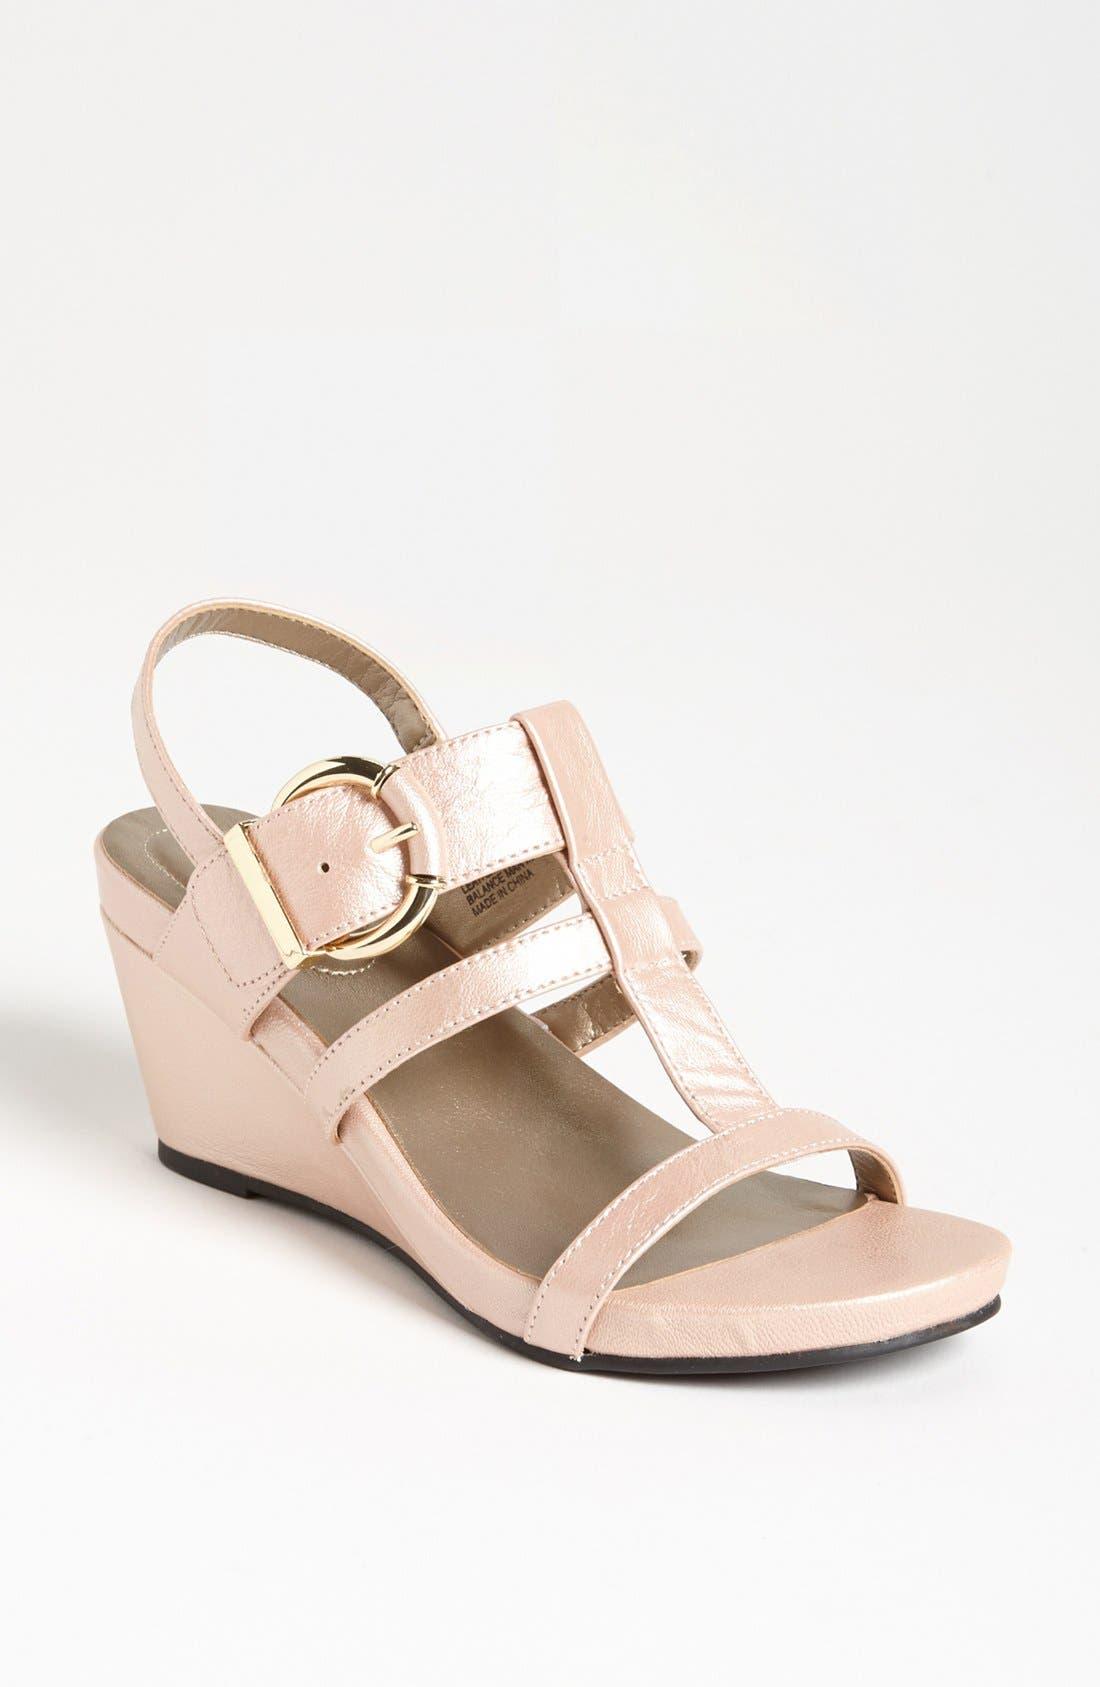 Main Image - Me Too 'Helena' Sandal